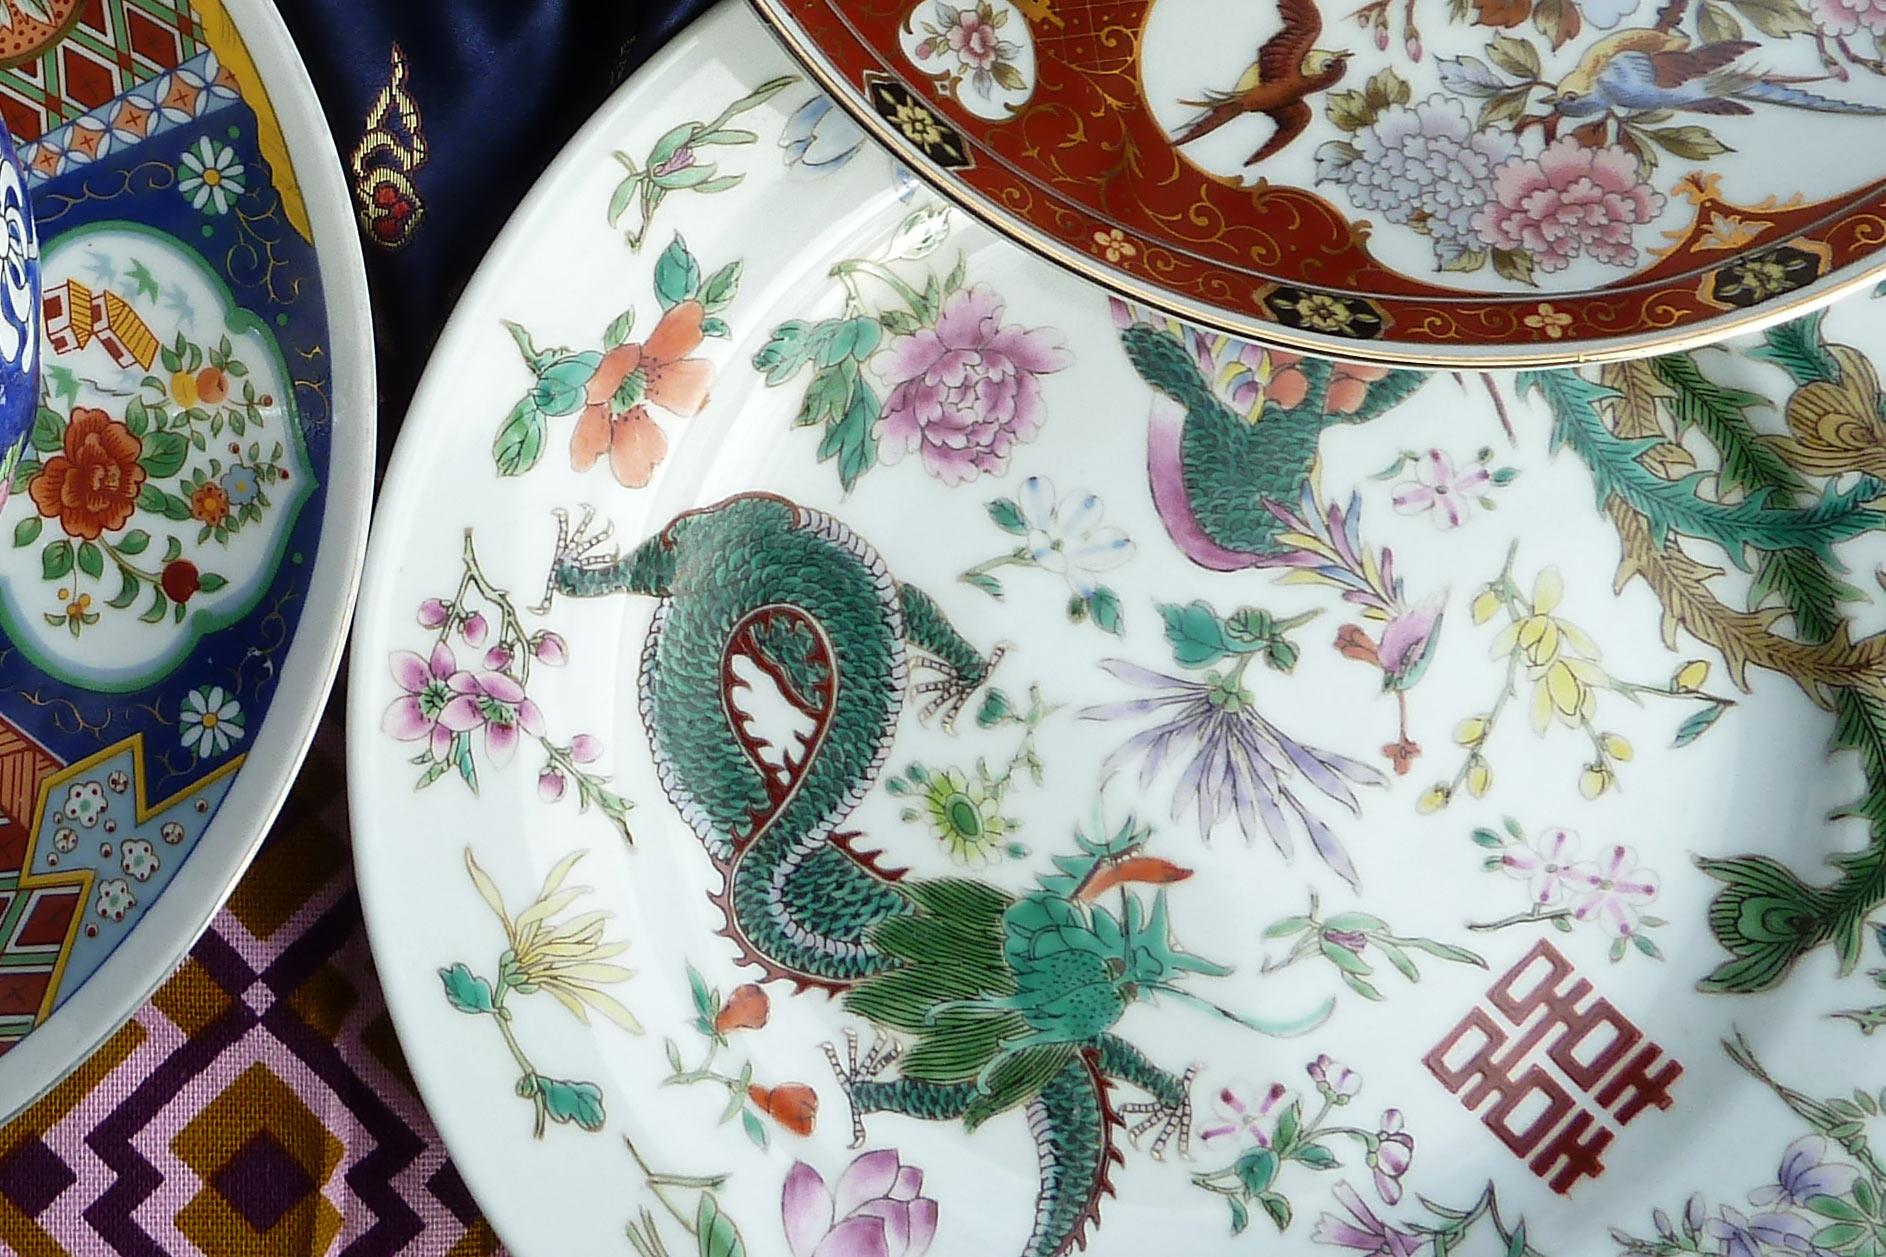 Fernost Mix China Teller mit Drachen